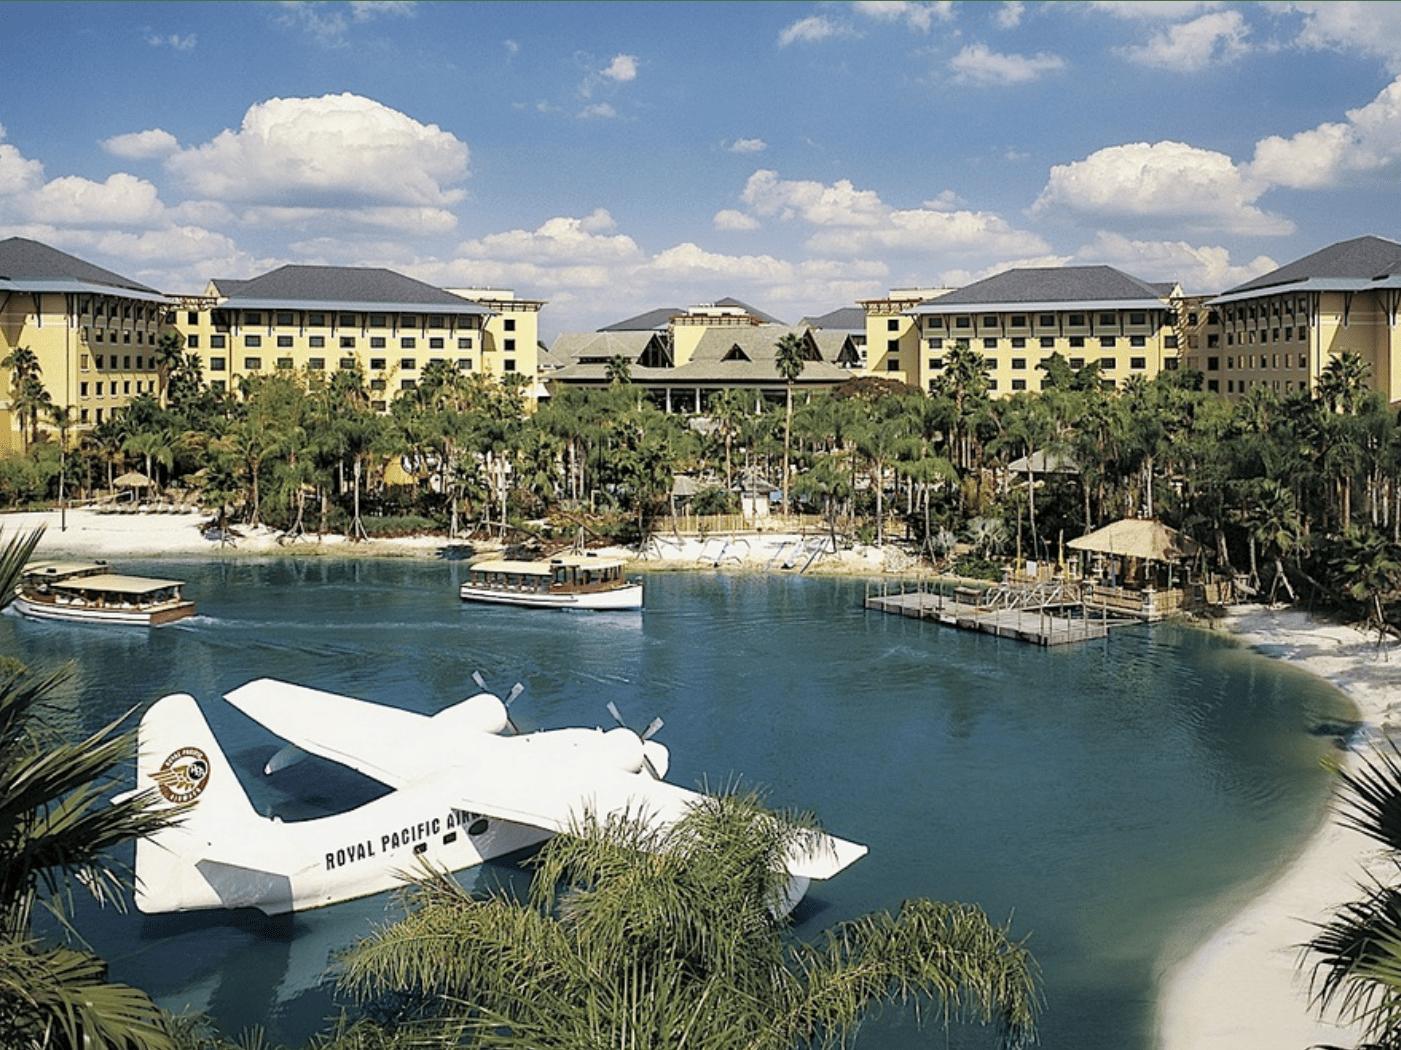 Loews Royal Pacific at Universal Orlando